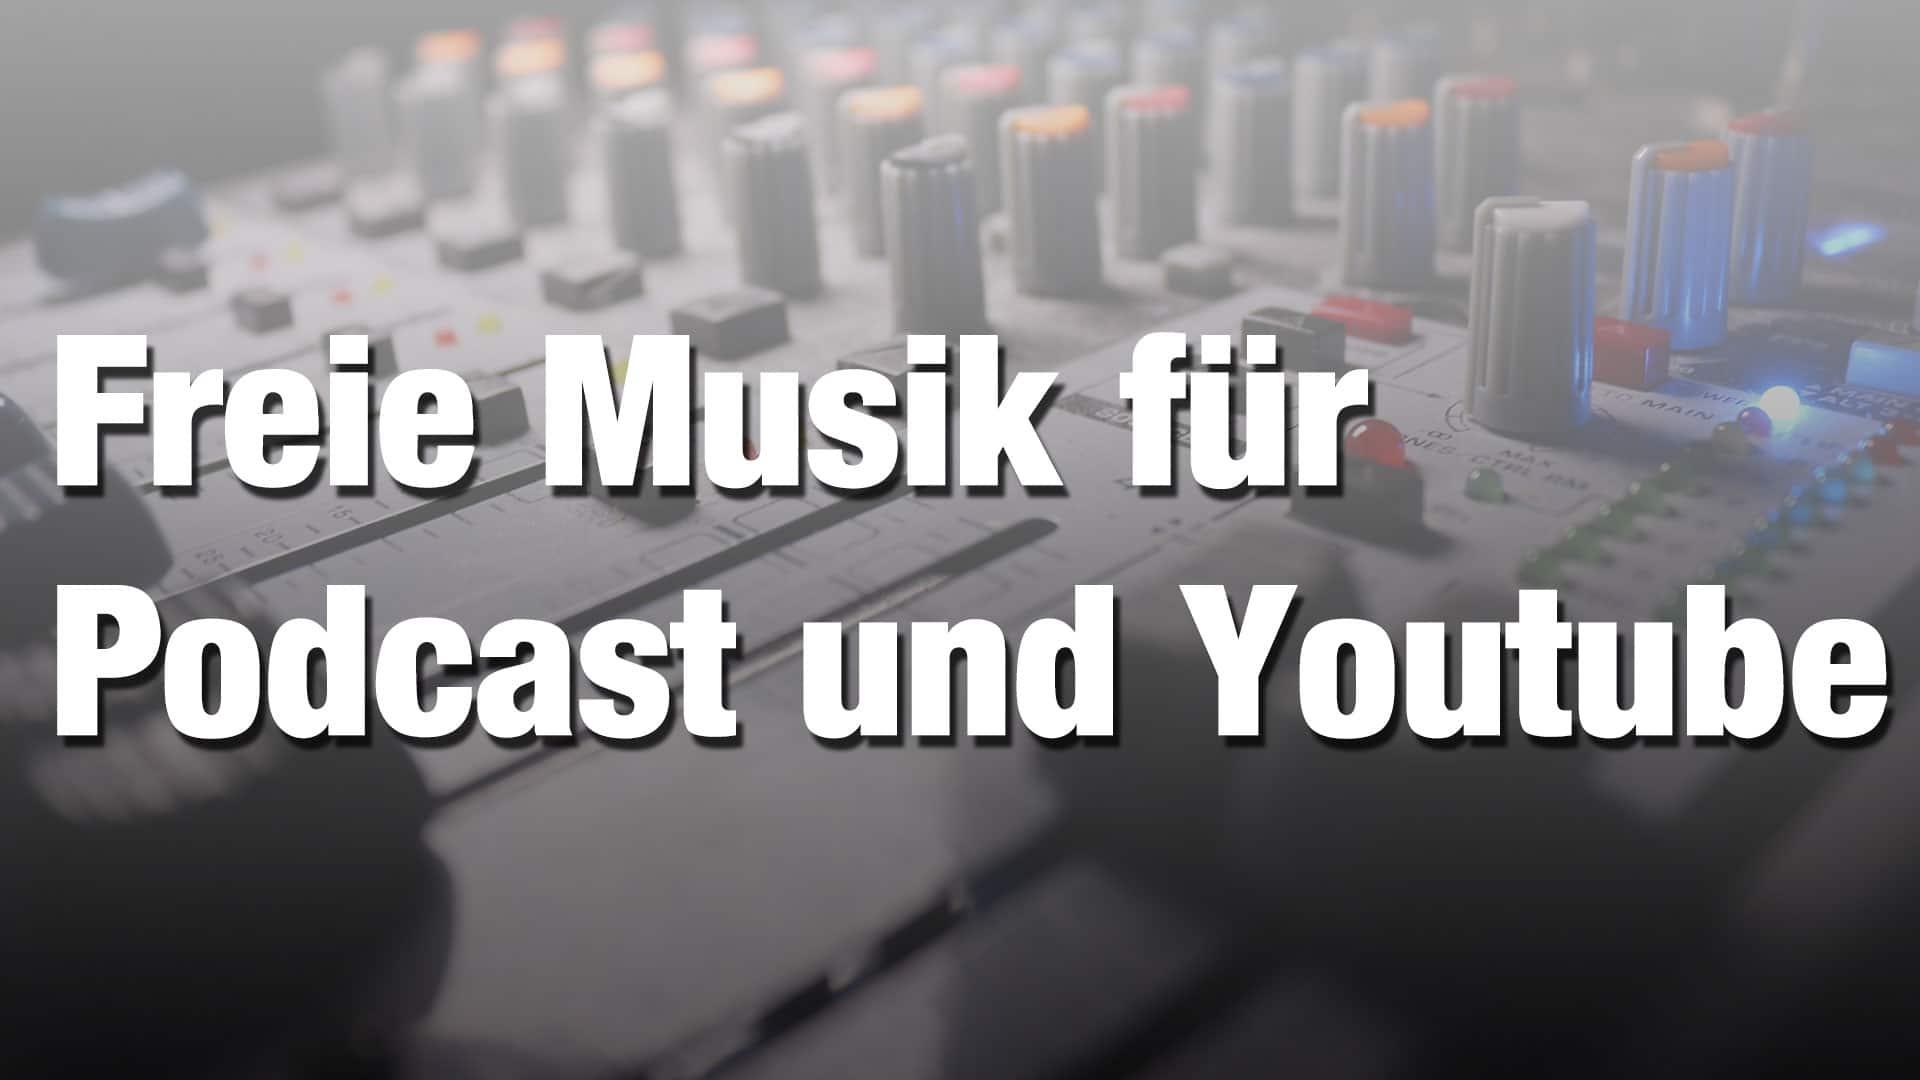 , Freie MP3 Intros und Hintergrundmusik #01, Kinocast | Der Podcast aus Stuttgart über Kino, Sneak Preview, Filme, Serien, Heimkino, Streaming, Games, Trailer, News und mehr